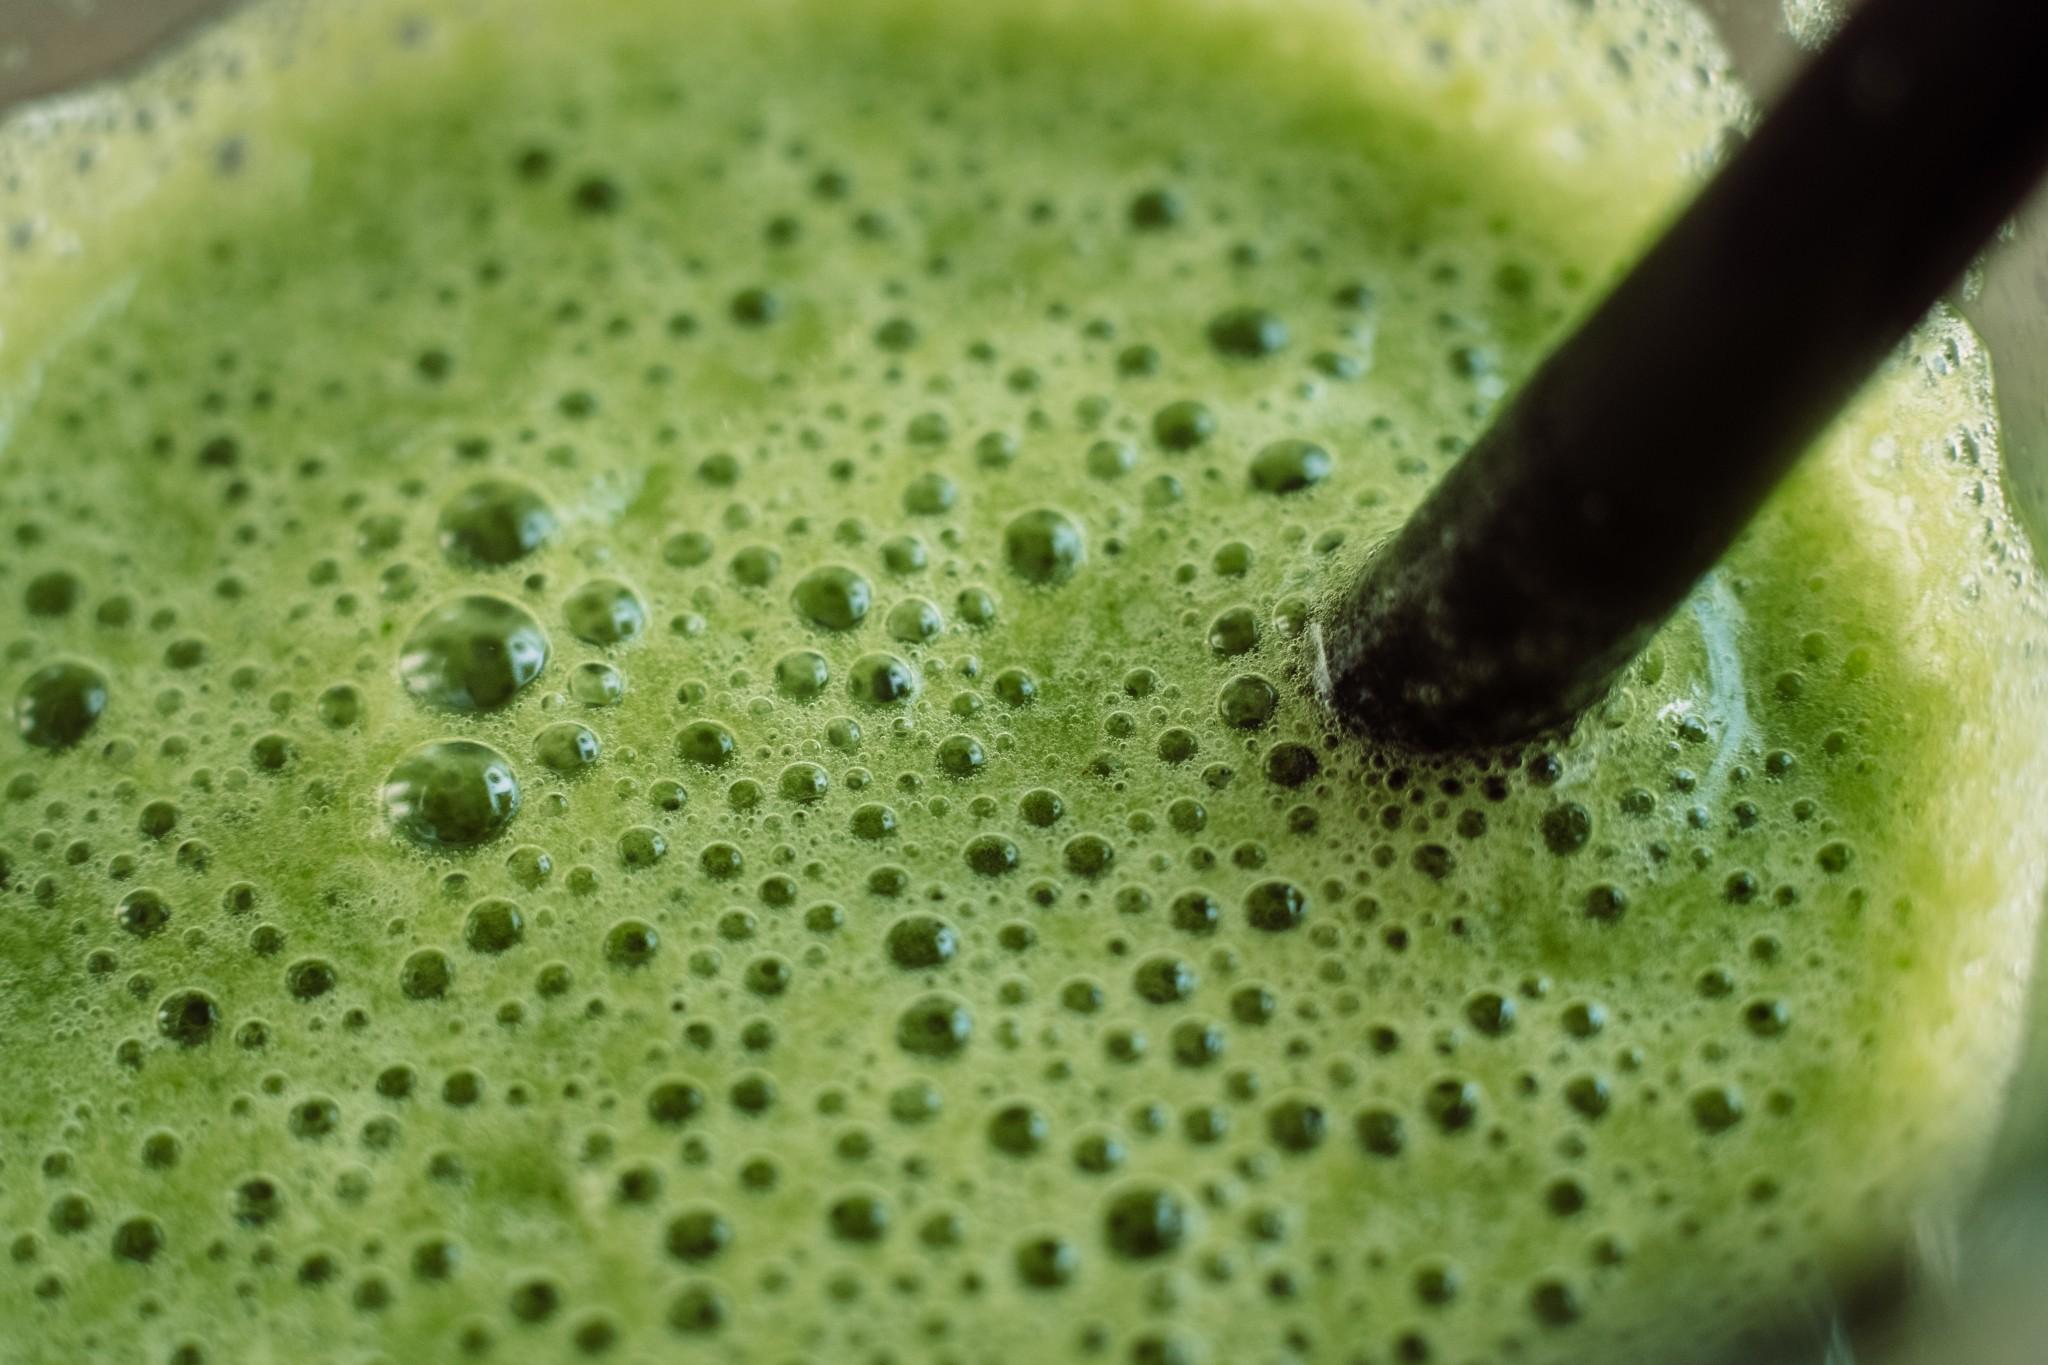 green_cocktail_closeup